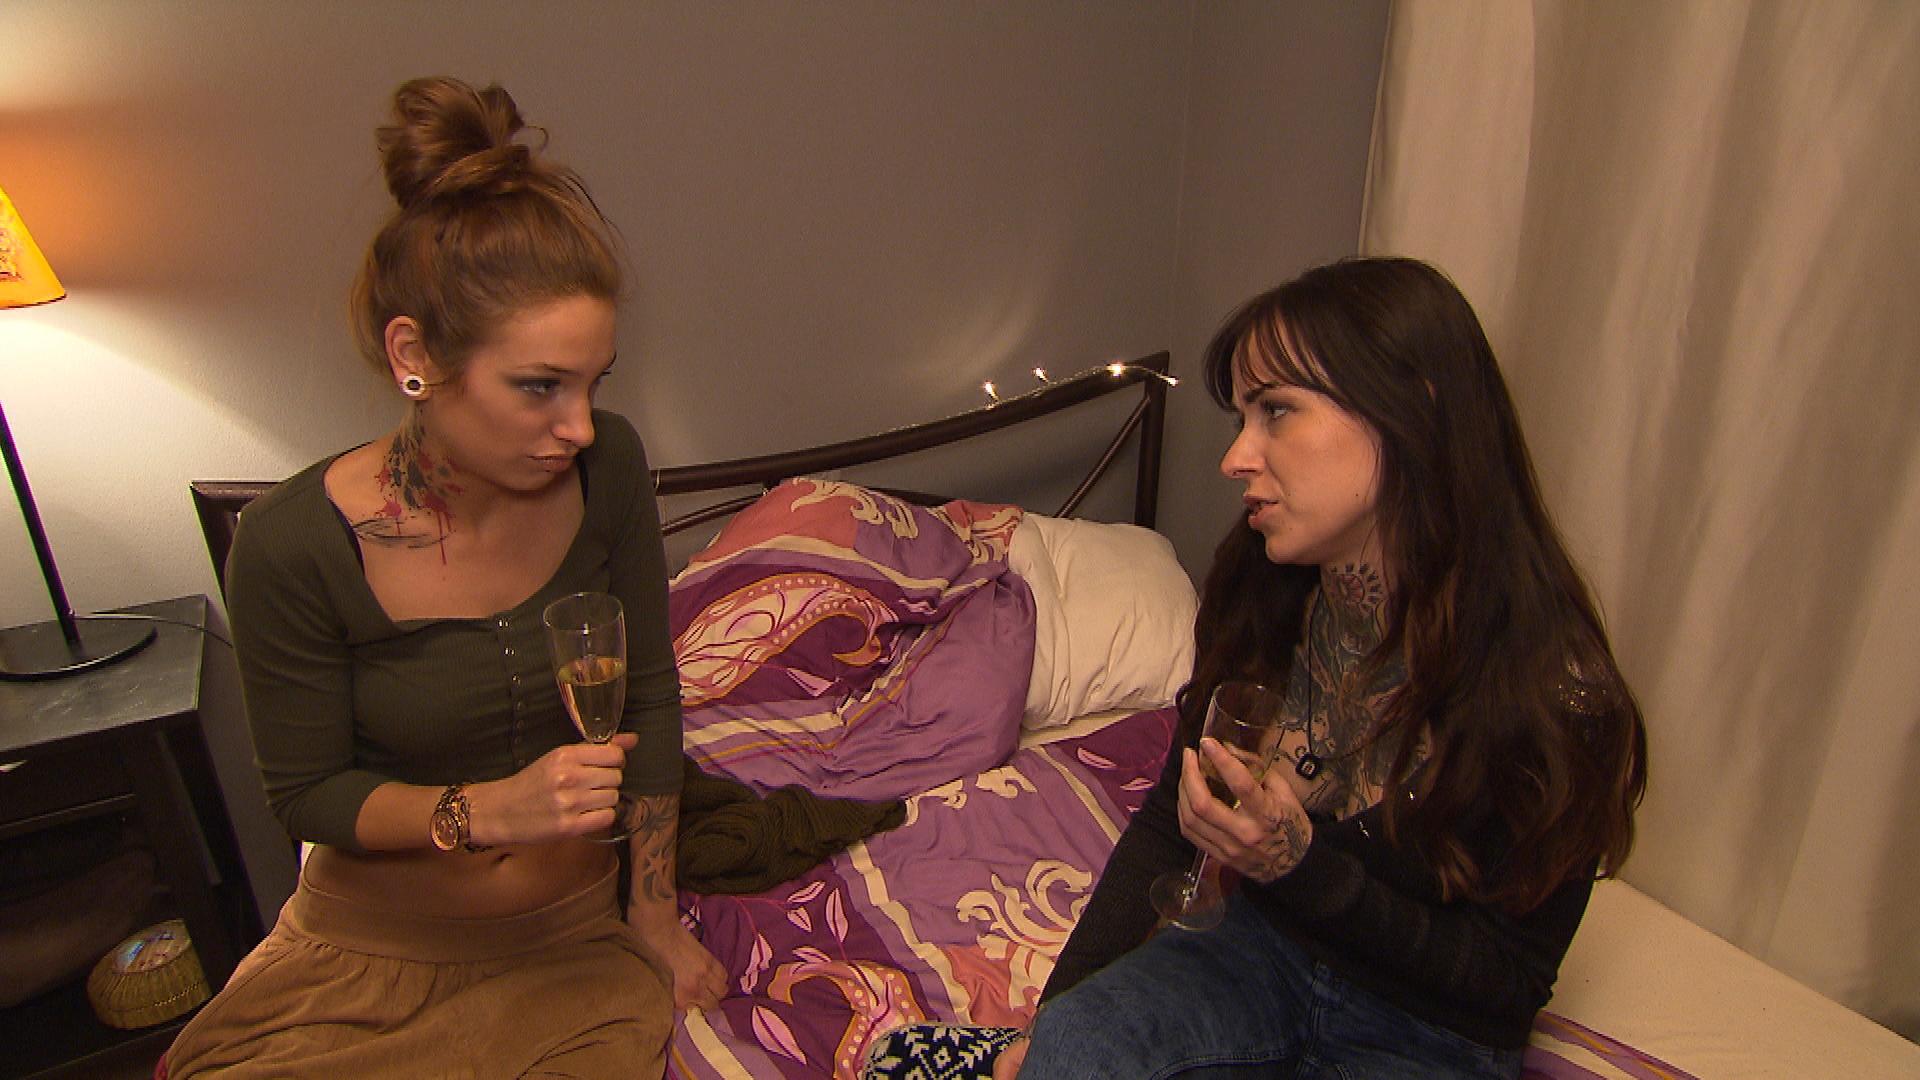 Milla plant eine Überraschungsparty zu Caros Geburtstag. Damit diese von den Planungen nichts merkt, lenkt Milla sie mit einer Shoppingtour ab. Doch dann kommt es zum Streit. (Quelle: RTL 2)